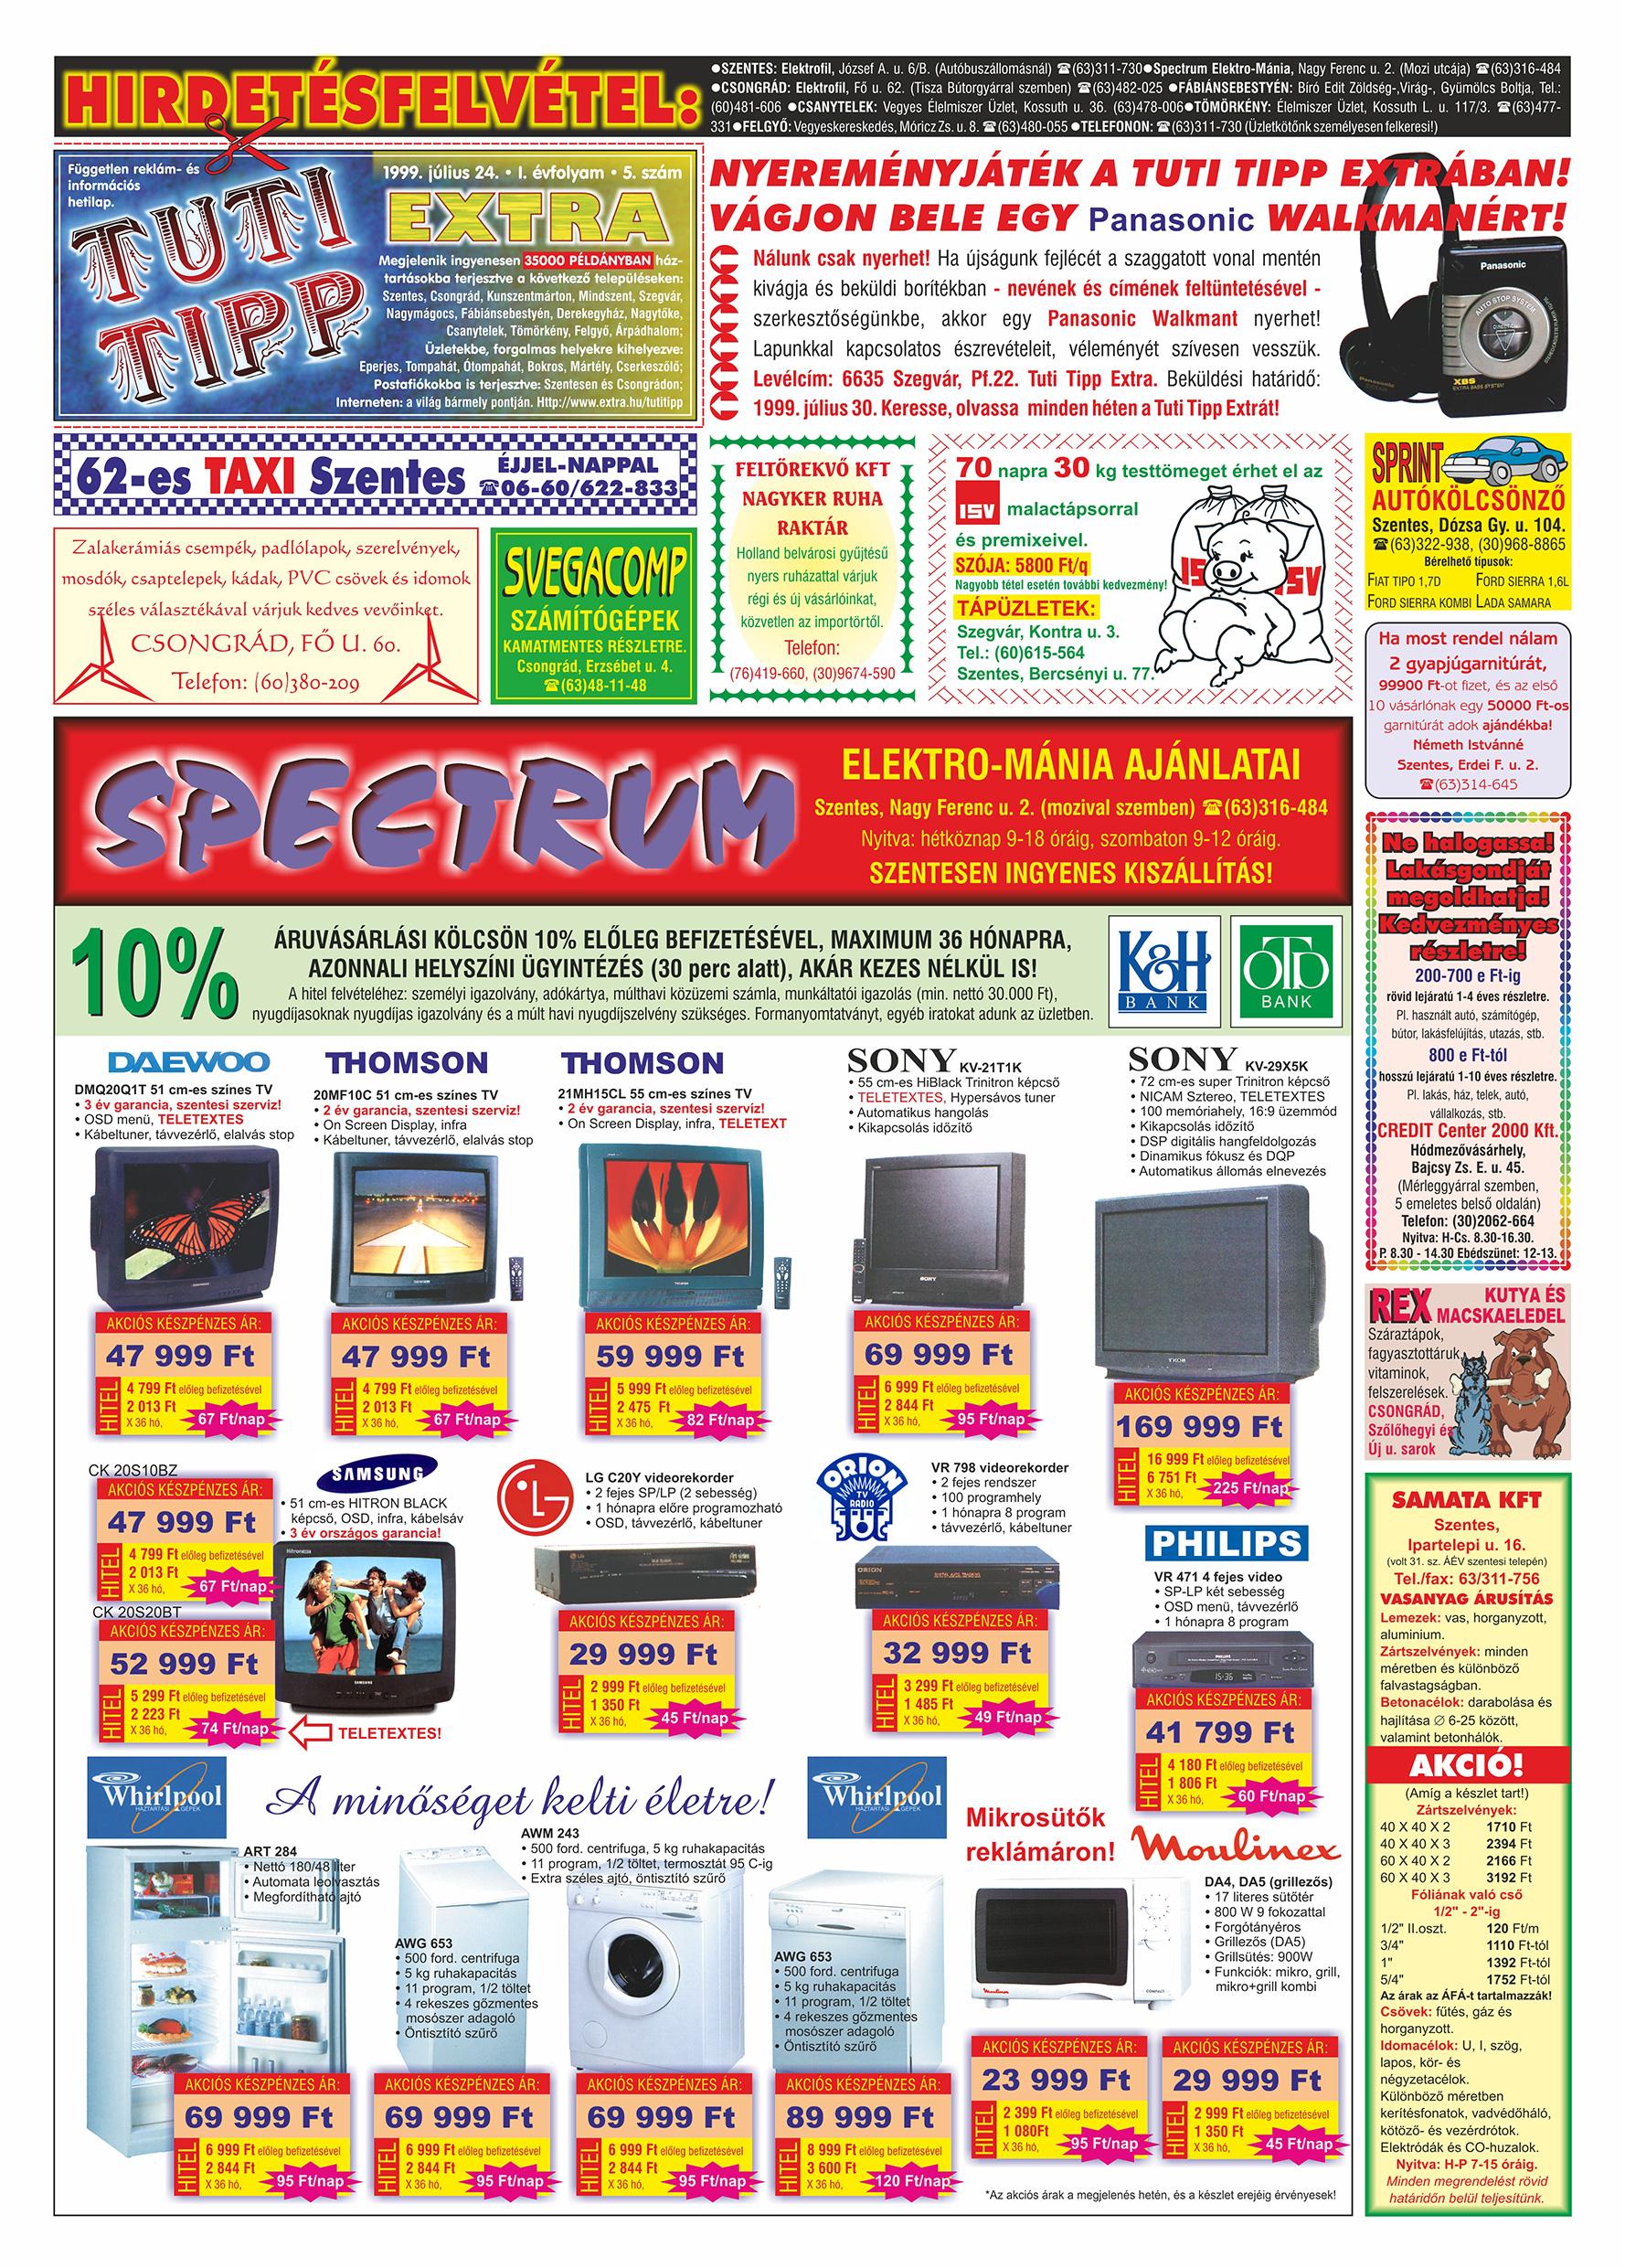 035 Tuti Tipp Extra reklámújság - 19990724-005. lapszám - 1.oldal - V. évfolyam.jpg